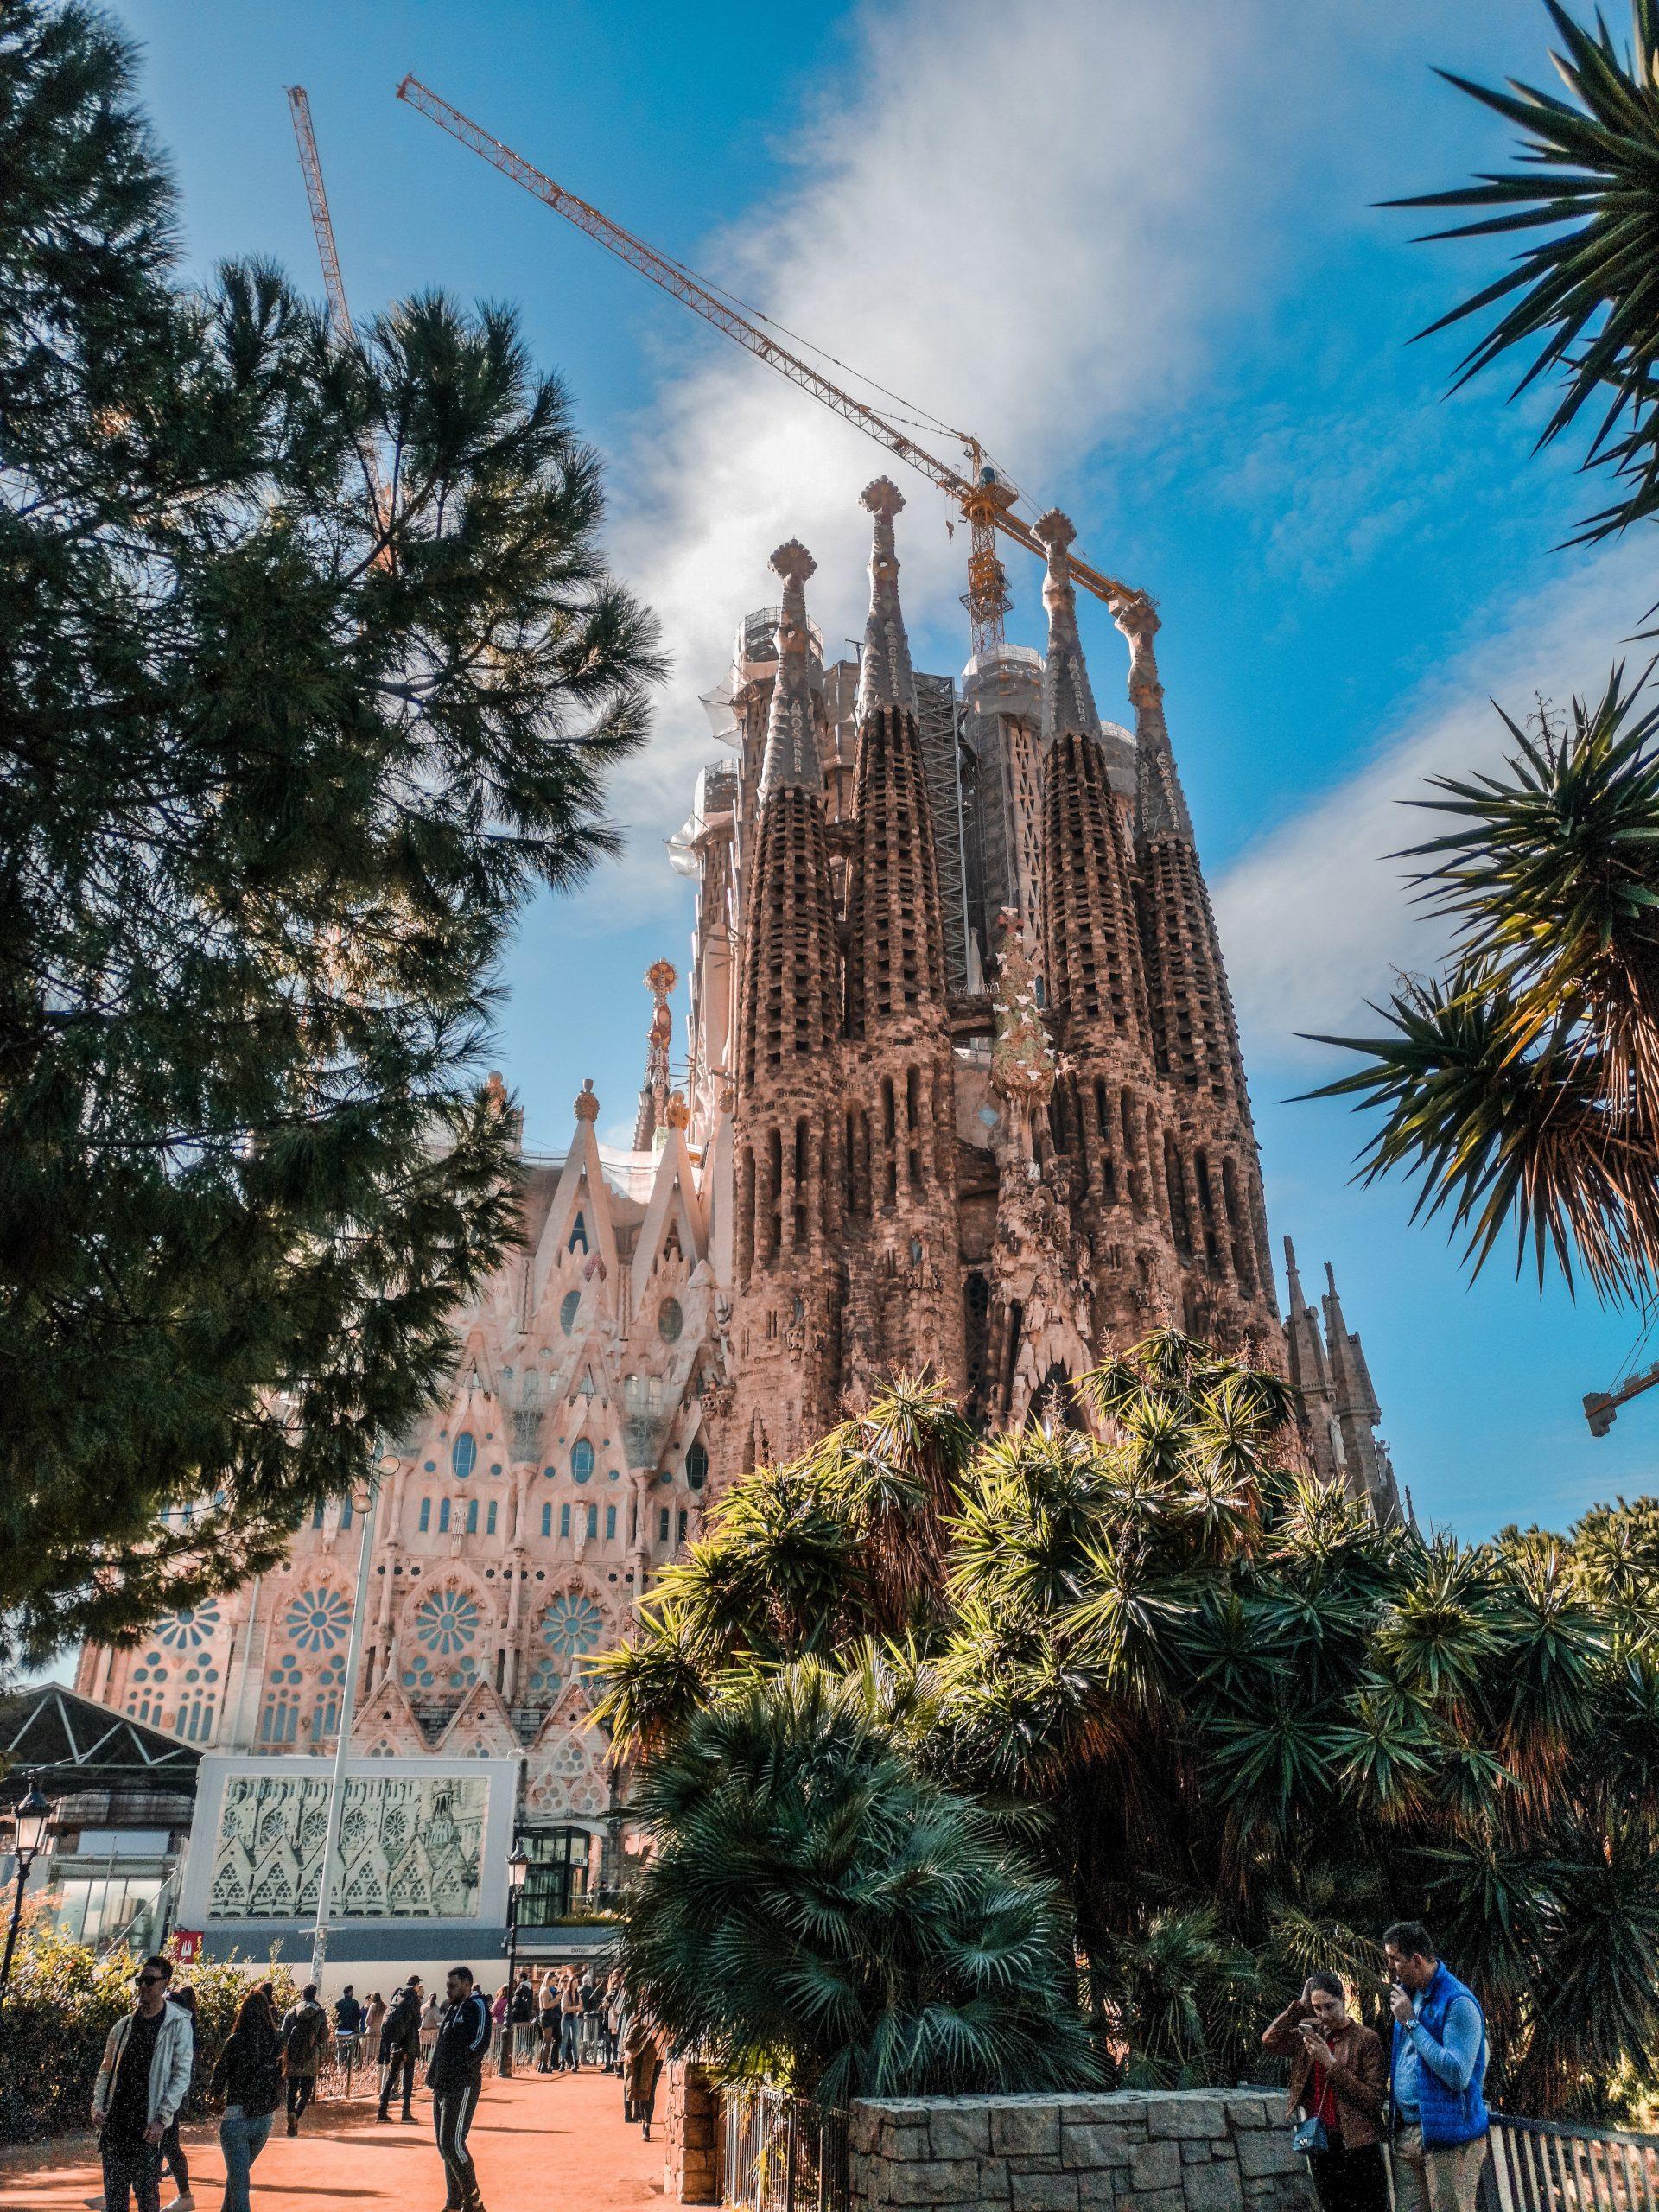 Uz Barselonu ziemā!